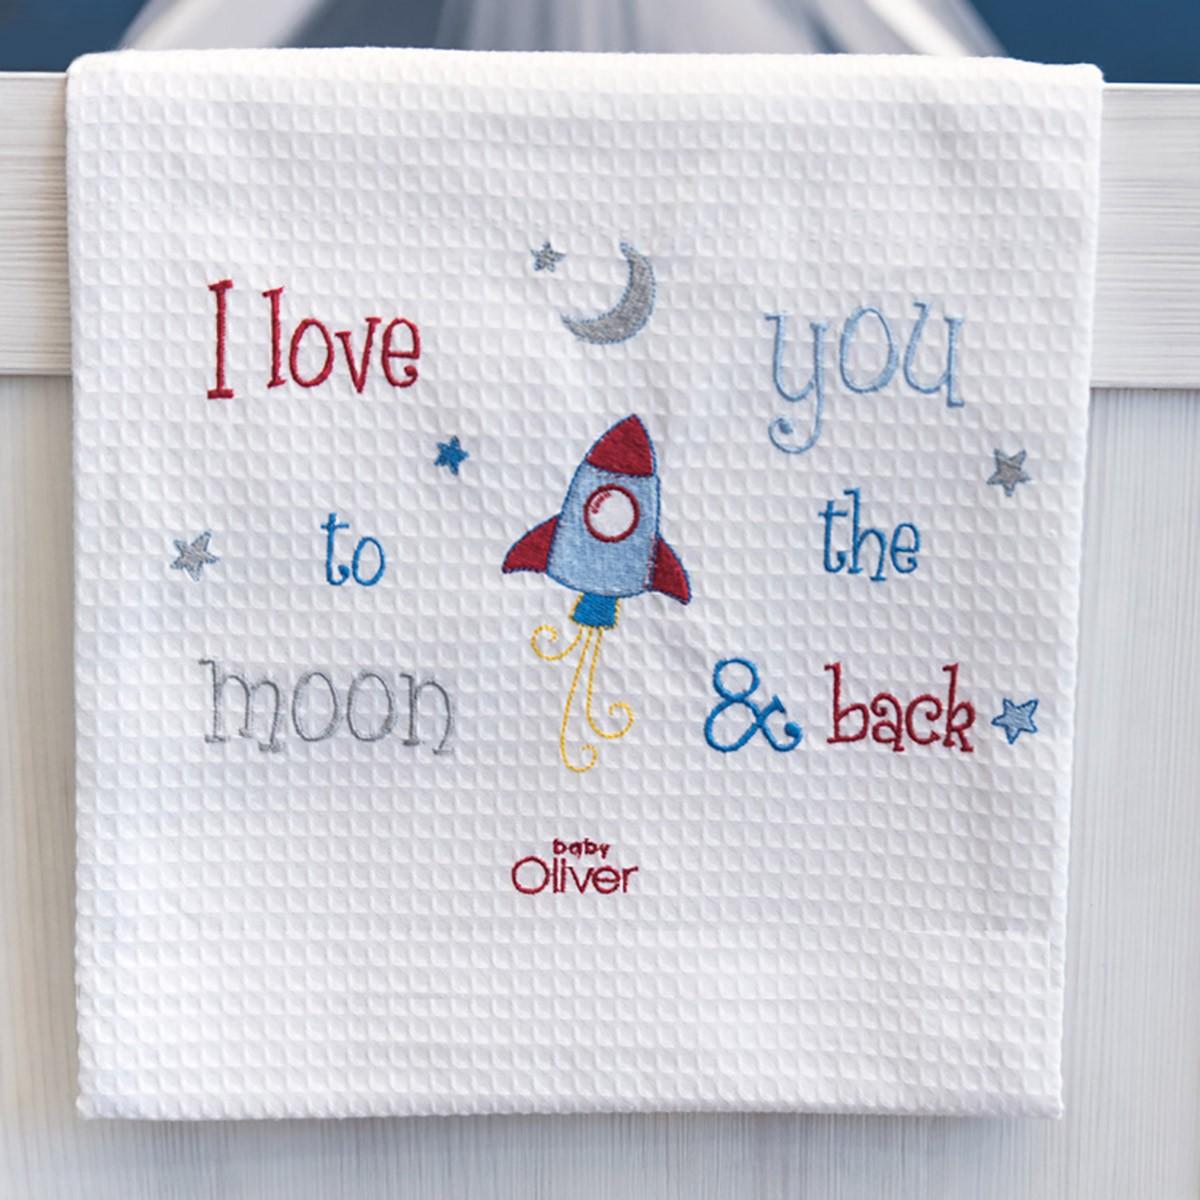 Κουβέρτα Πικέ Κούνιας Baby Oliver The Moon & Back 306 home   βρεφικά   κουβέρτες βρεφικές   κουβέρτες καλοκαιρινές